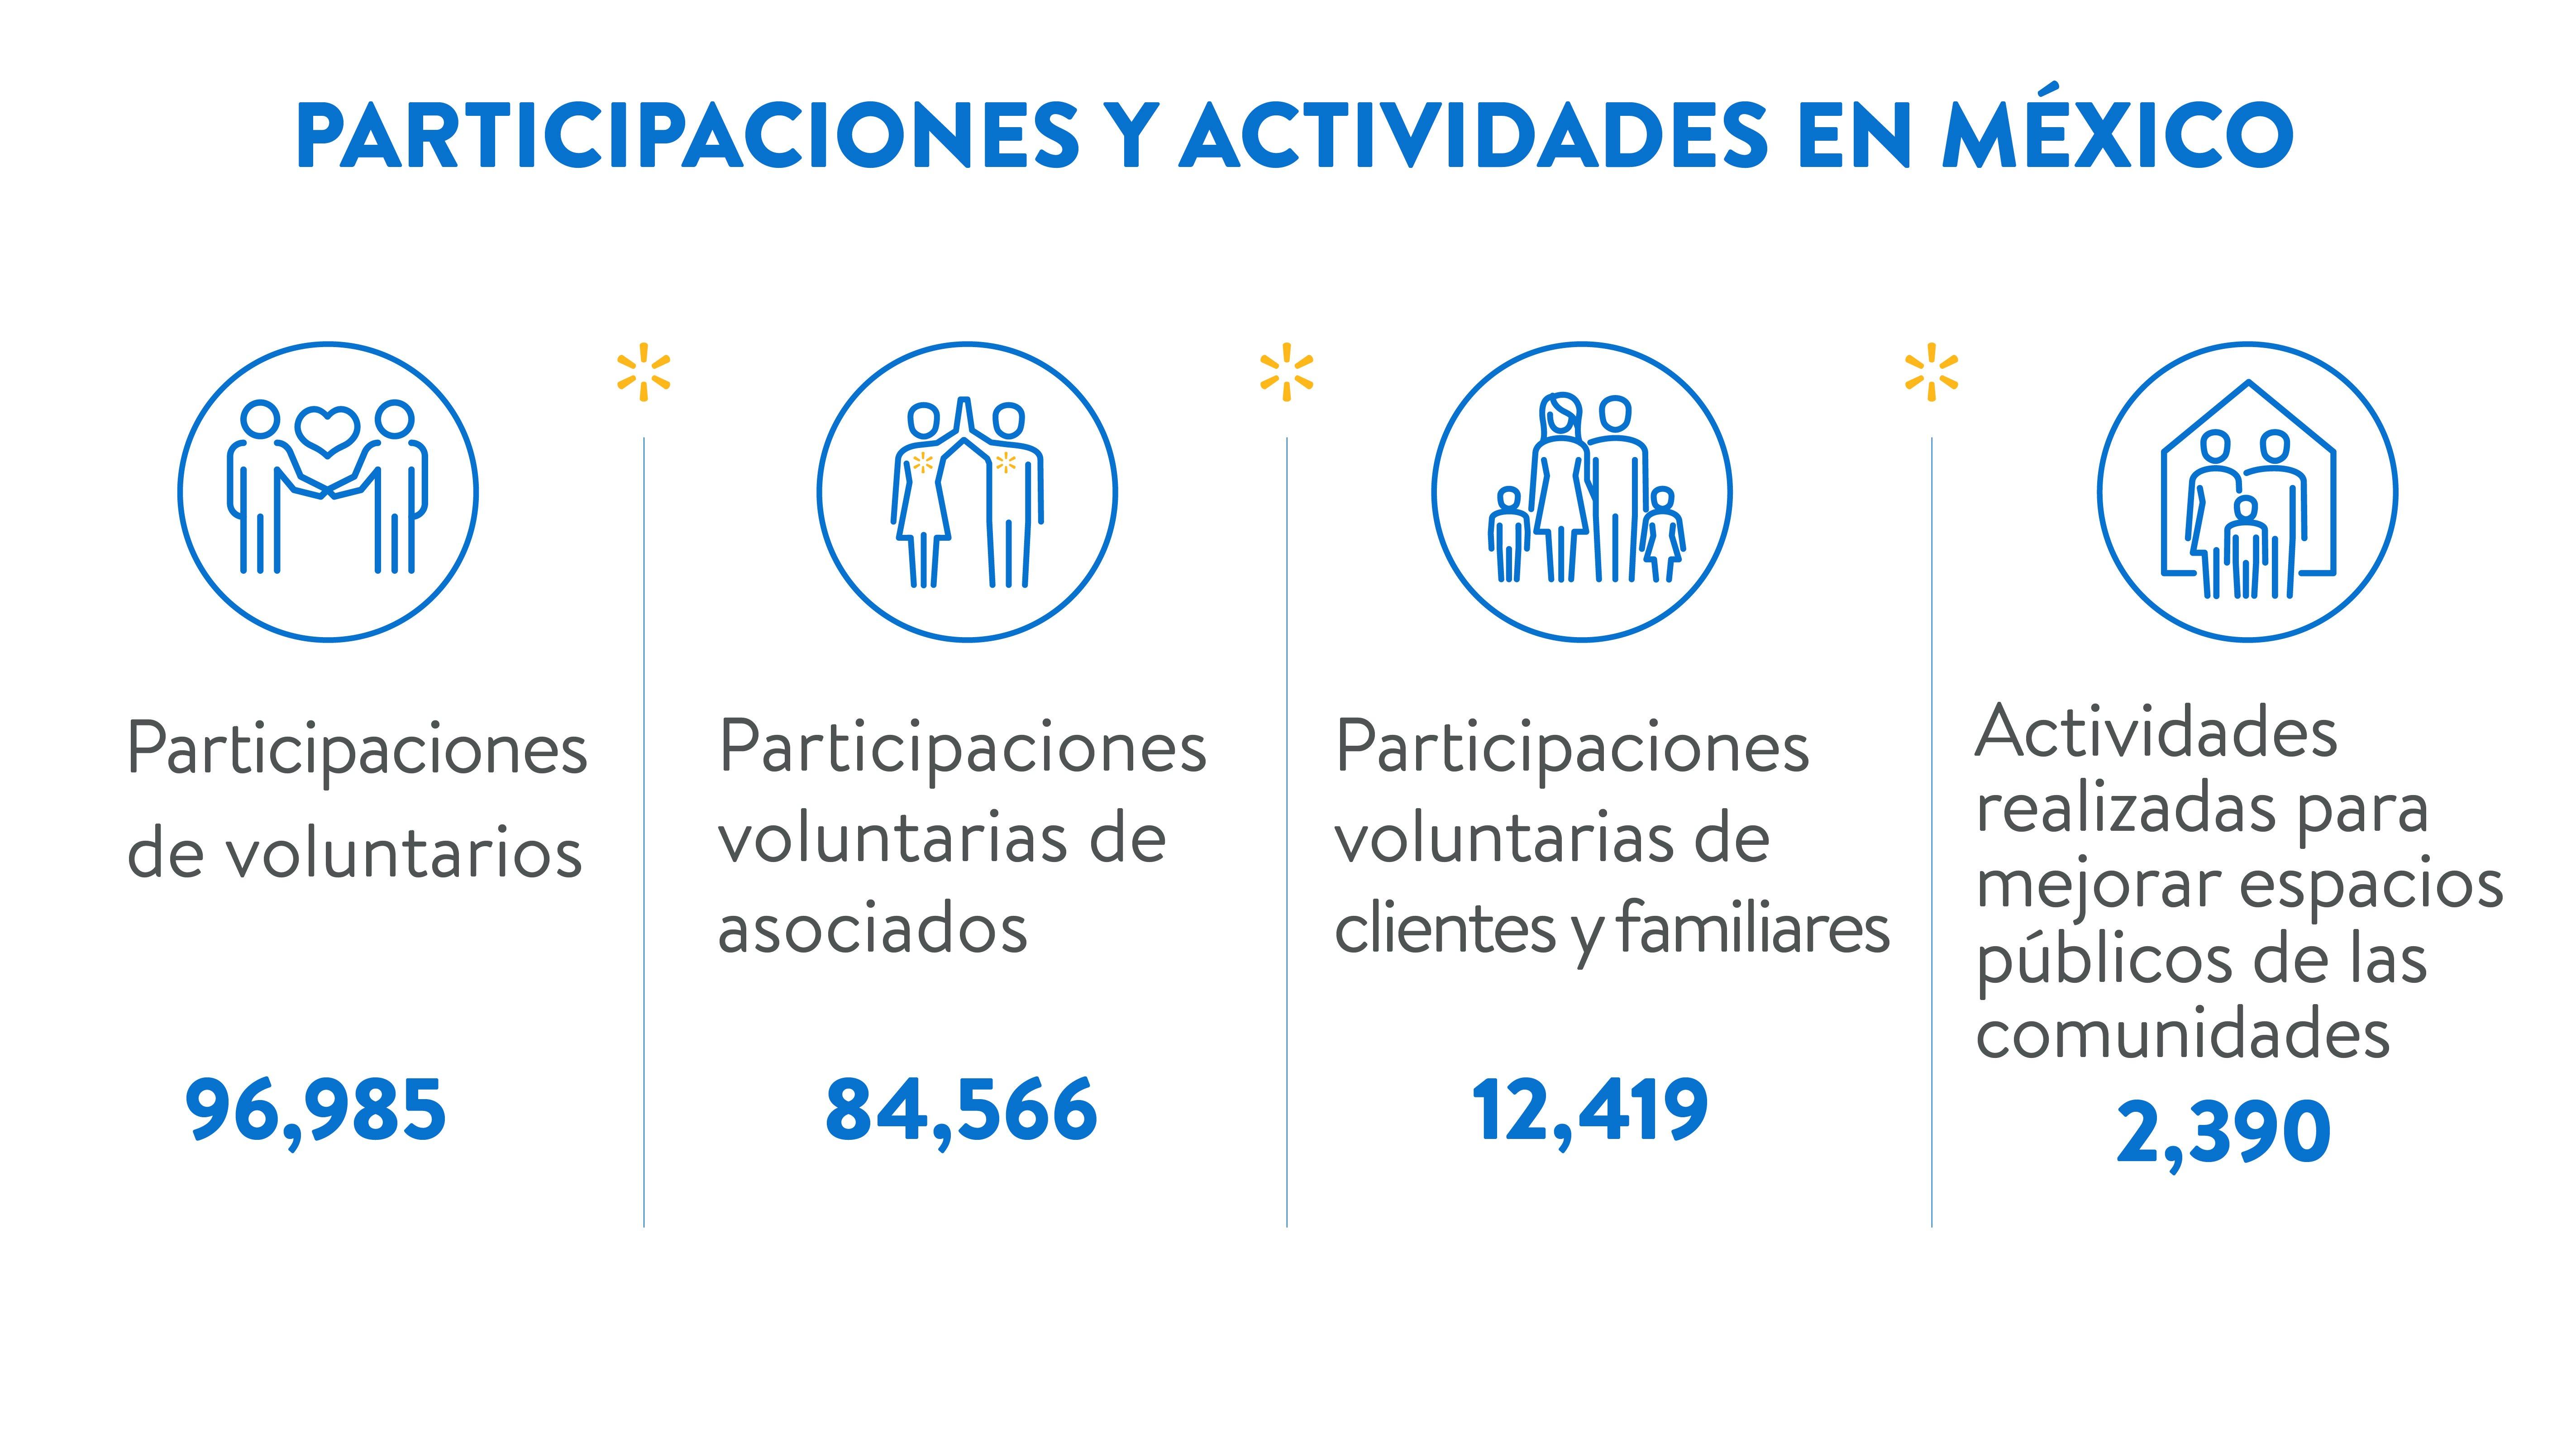 Participaciones y actividades